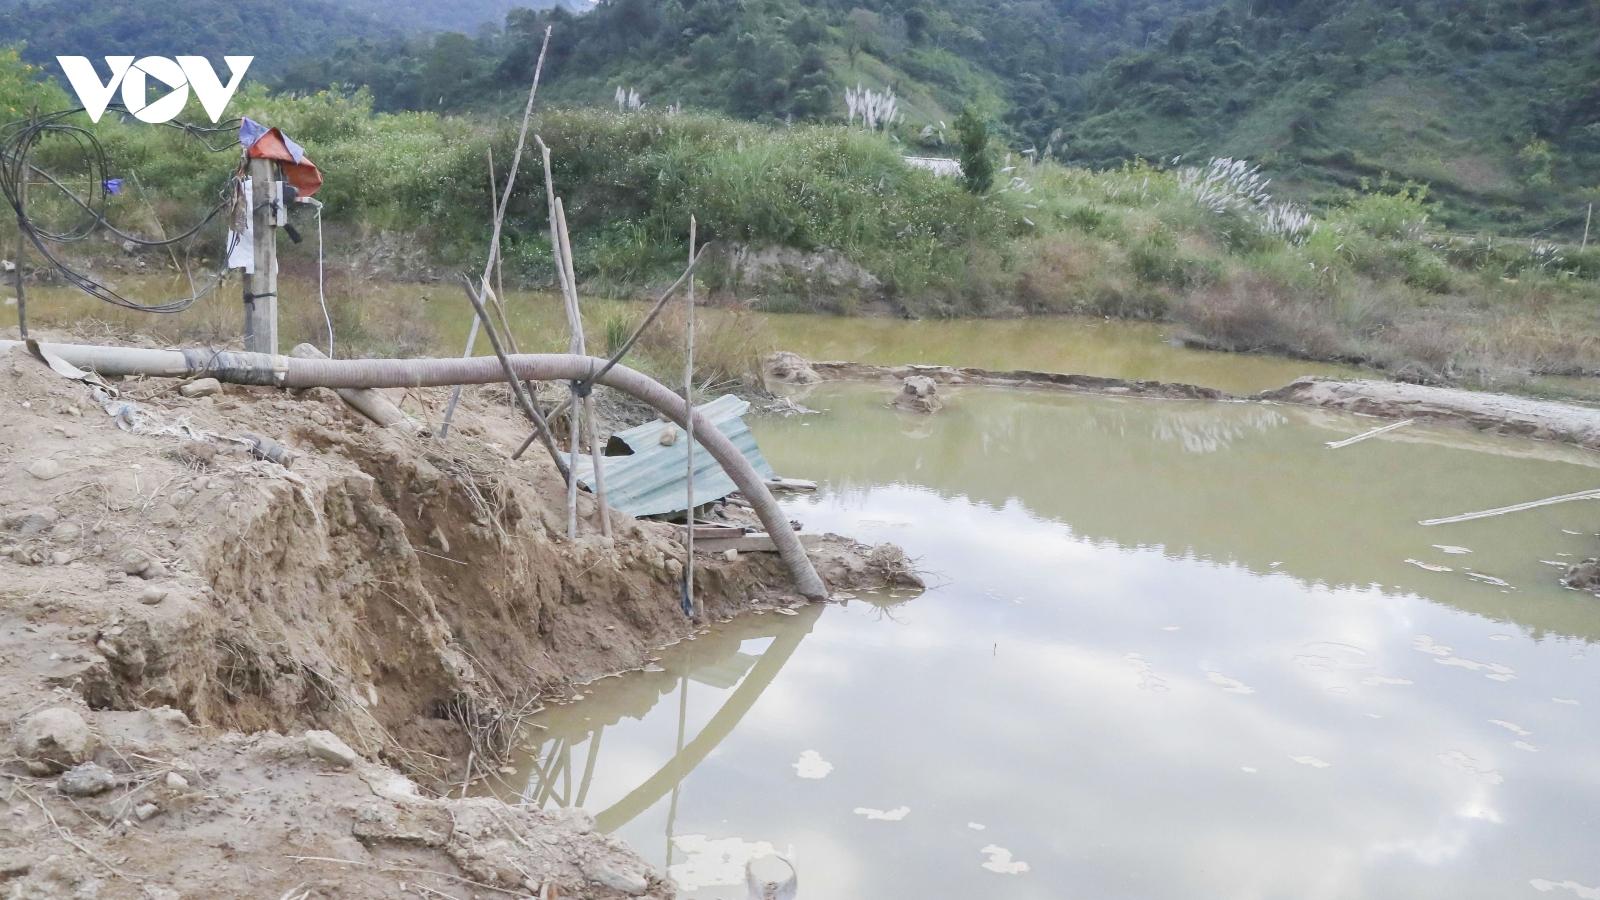 Nhức nhối tình trạng khai thác cát trái phép ở lòng chảo Mường Phăng